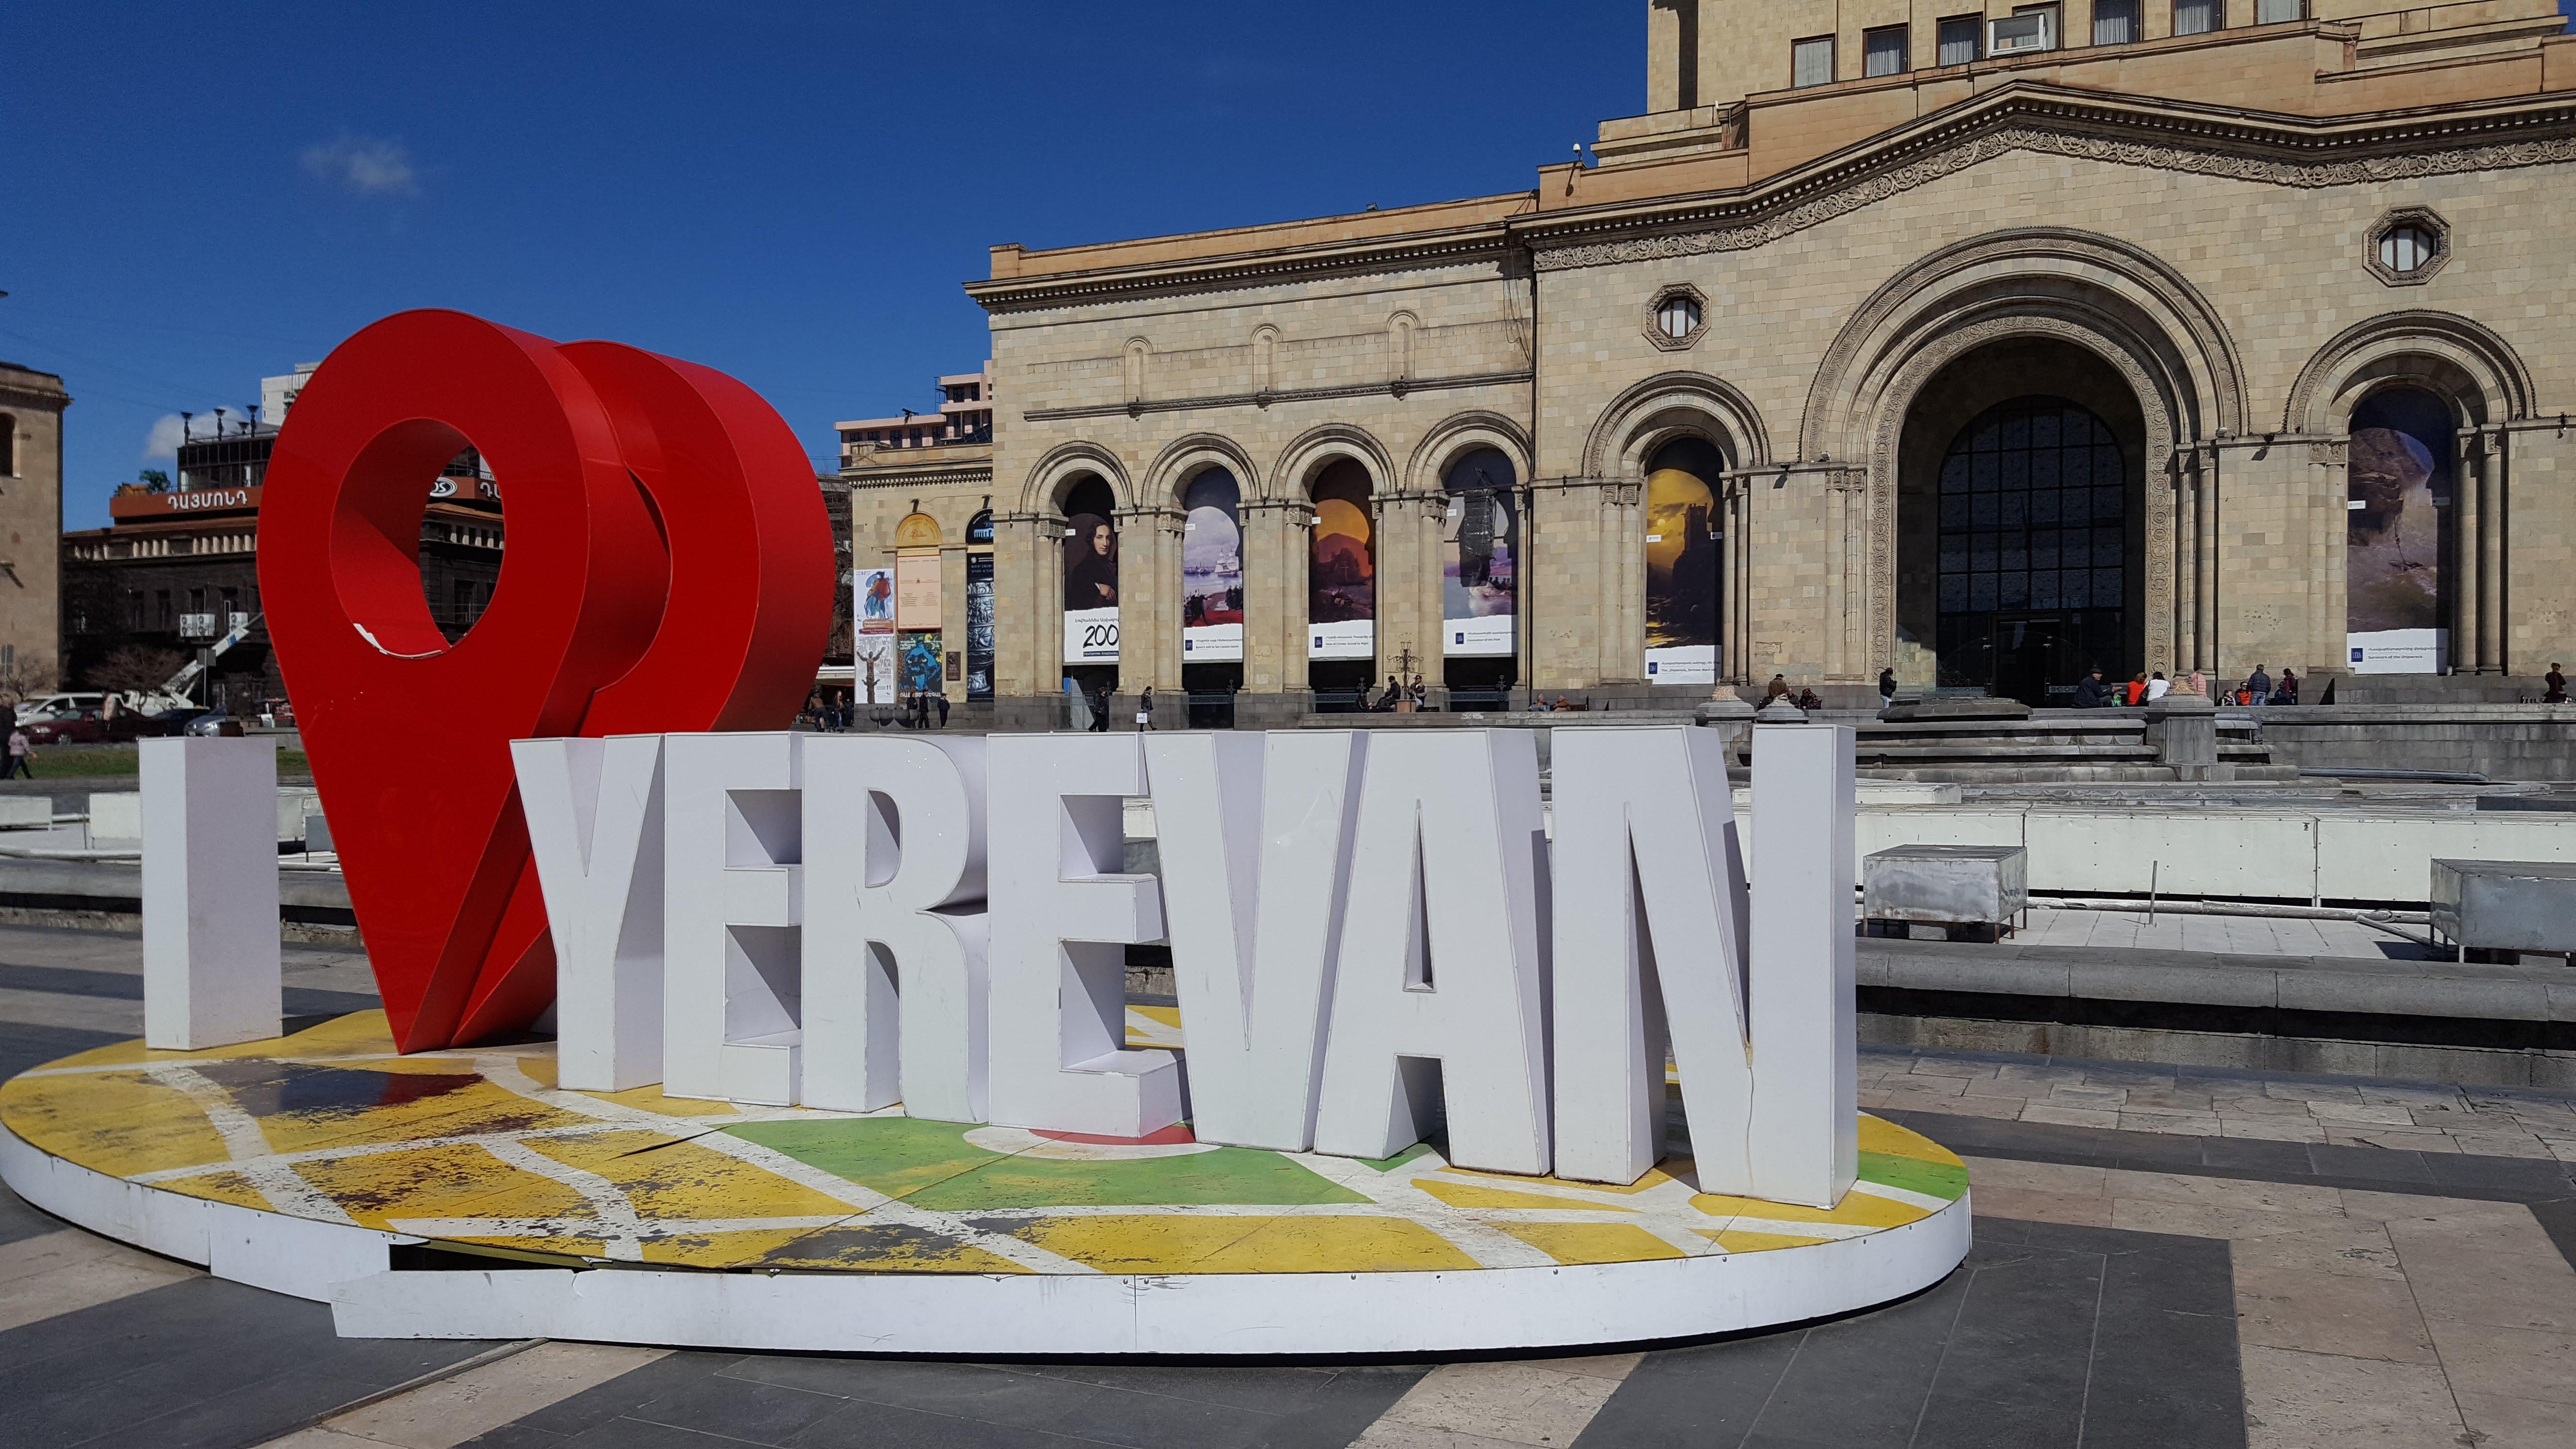 I love Yerevan